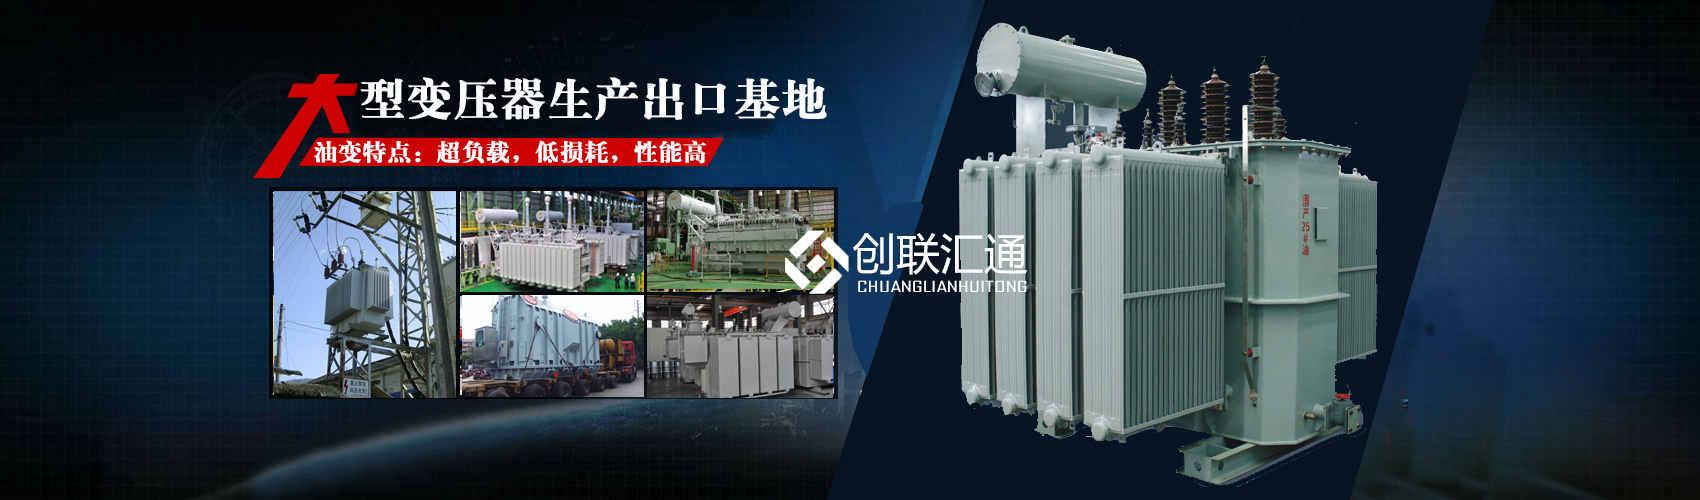 油浸式变压器绝缘性能好、导热性能好,同时变压器油廉价,能够解决变压器大容量散热问题和高电压绝缘问题。